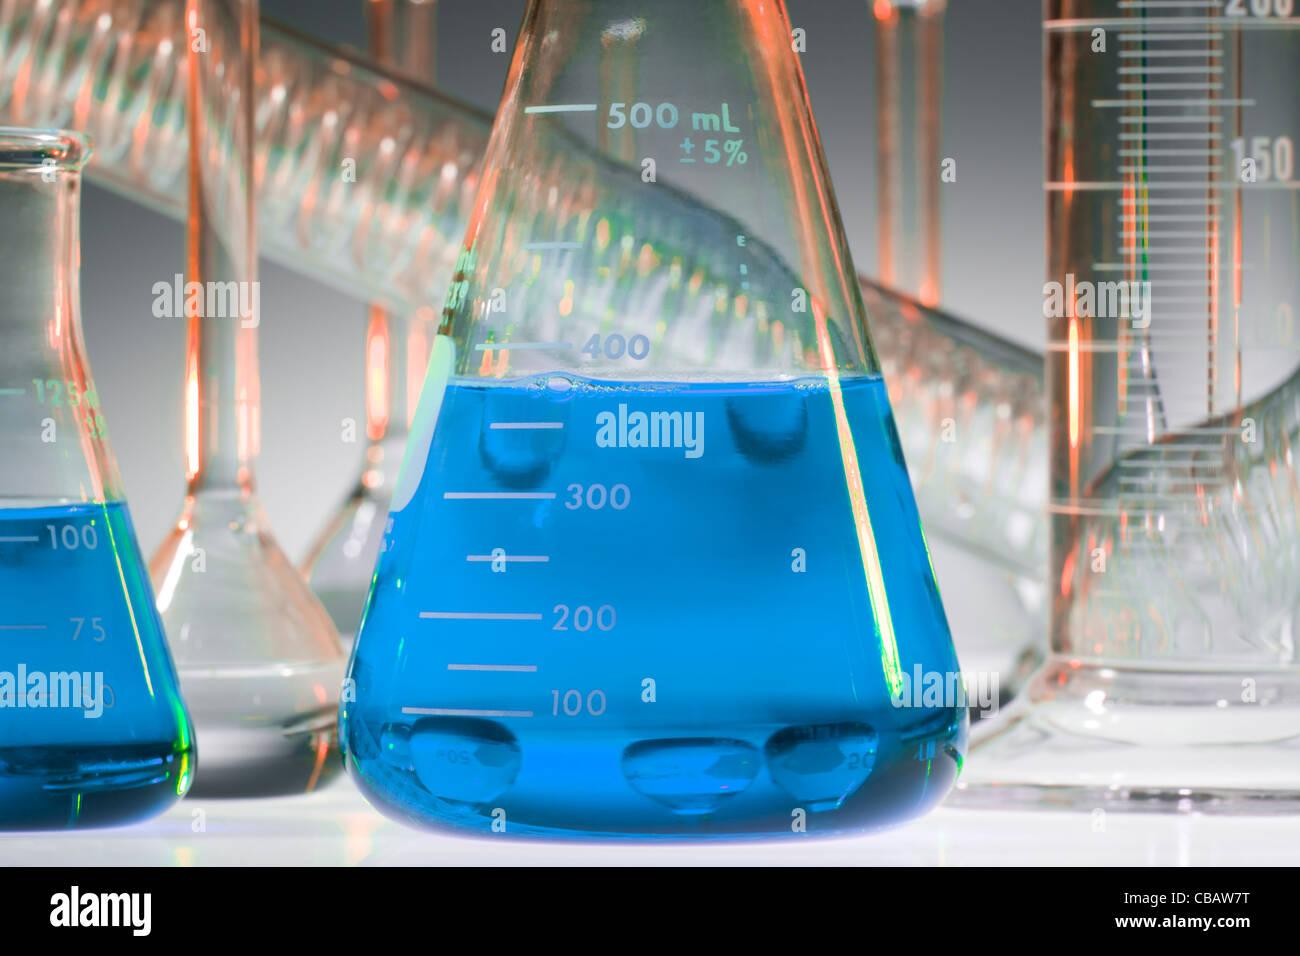 Cristalería químicas Imagen De Stock